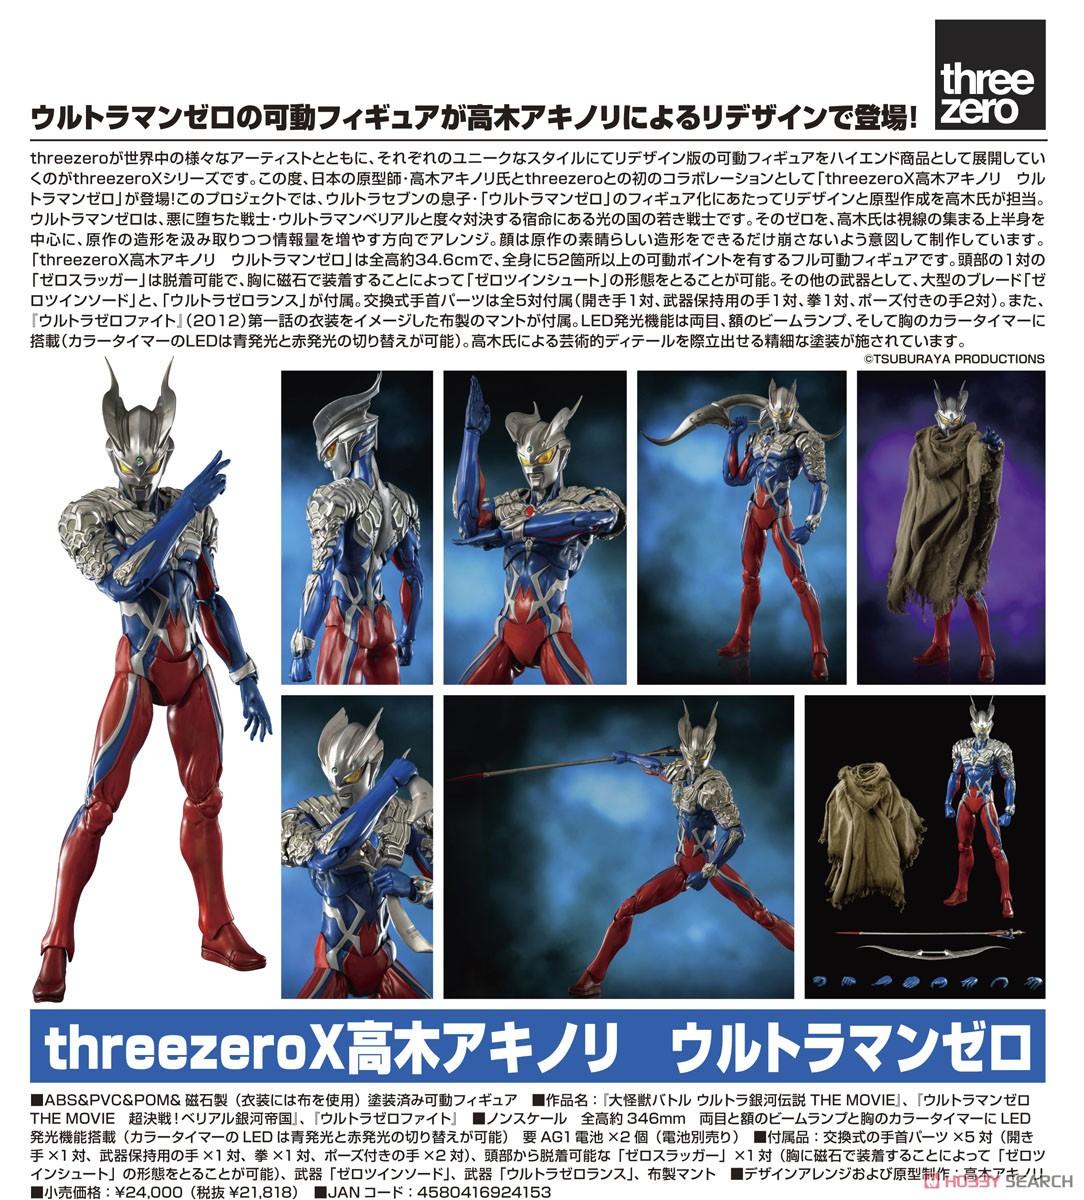 threezeroX高木アキノリ『ウルトラマンゼロ』可動フィギュア-011